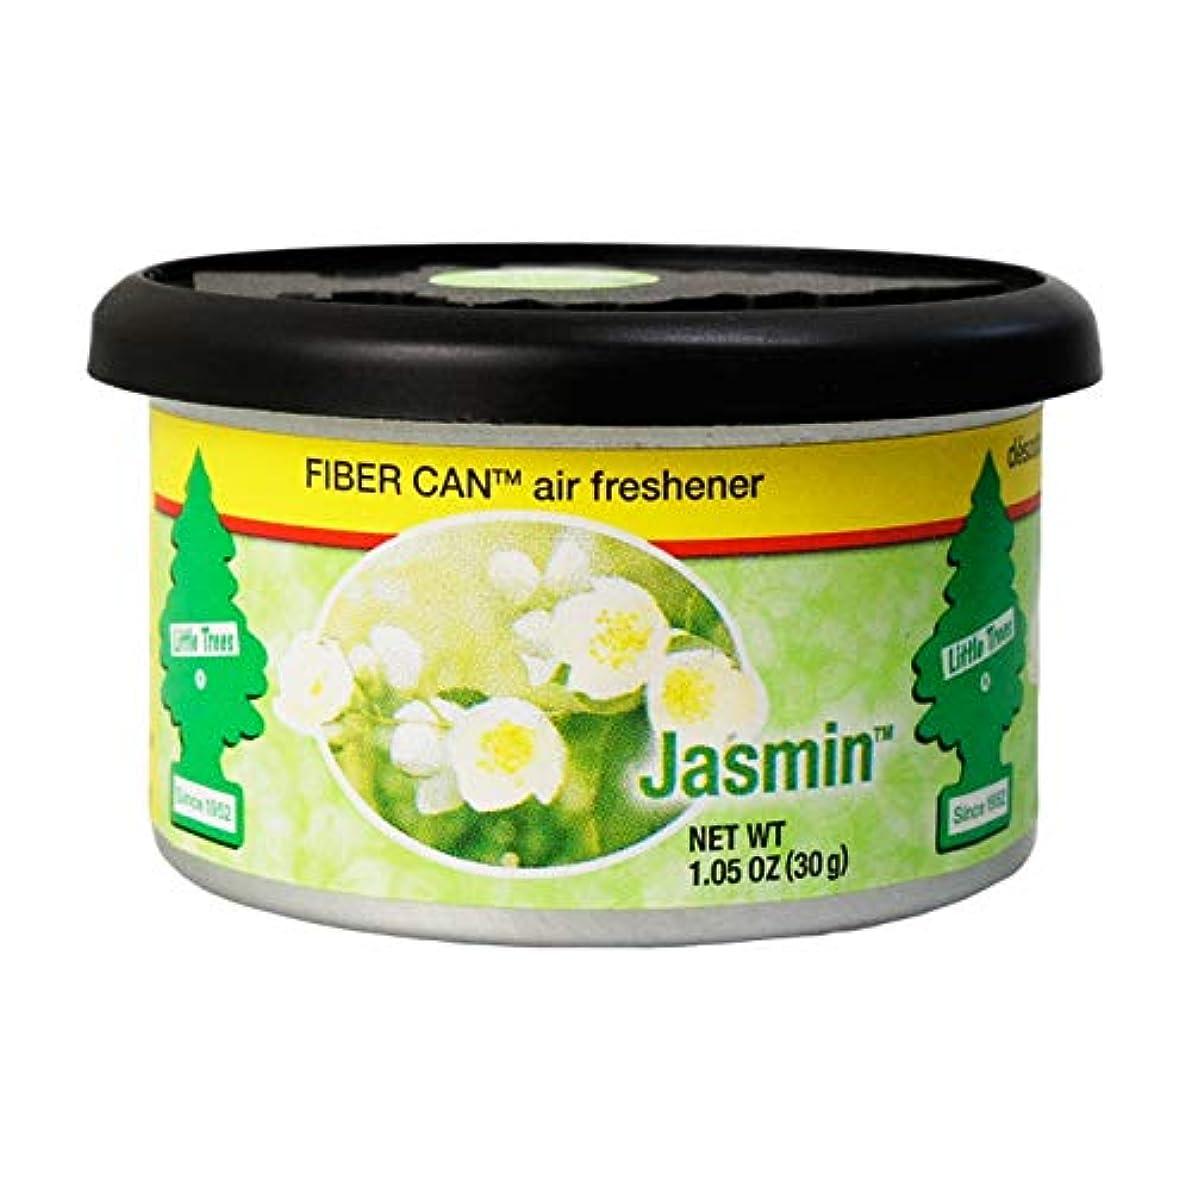 聖書書道低いリトルツリー ファイバーカン エアフレッシュナー (ジャスミン)【Little Trees FIBER CAN Air Fresheners (Jasmin)】芳香剤 車 部屋 缶 [並行輸入品]